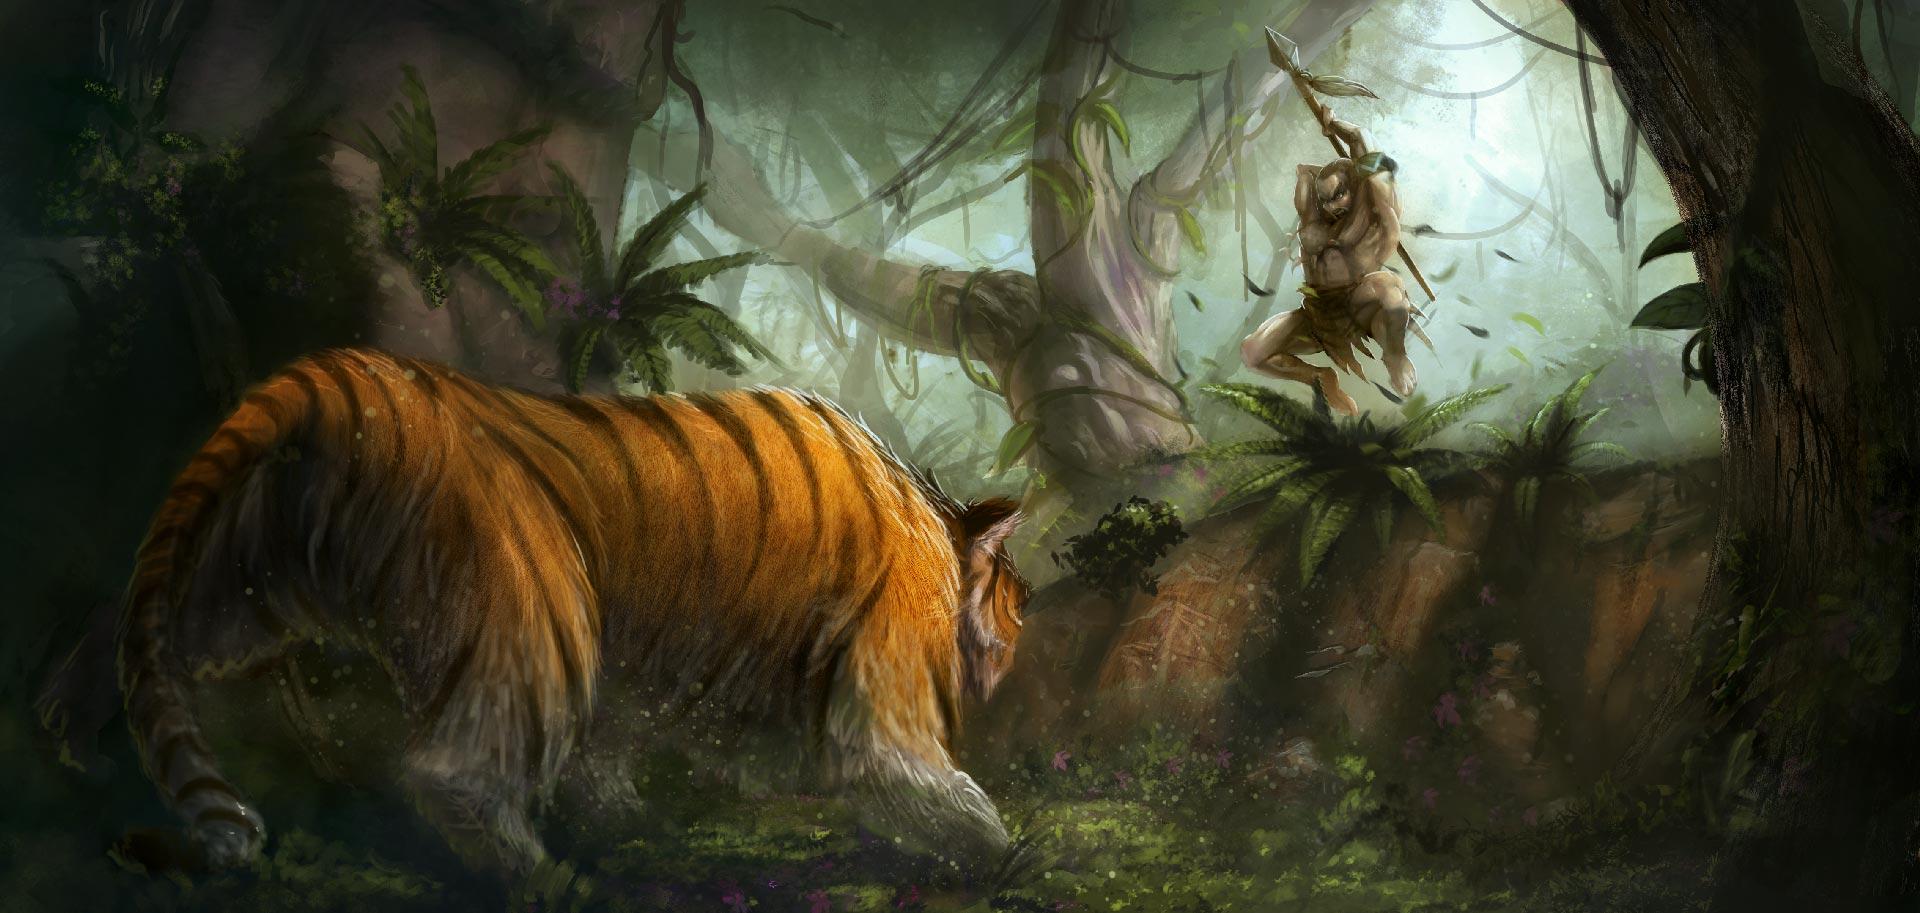 Shhh... I'm hunting...